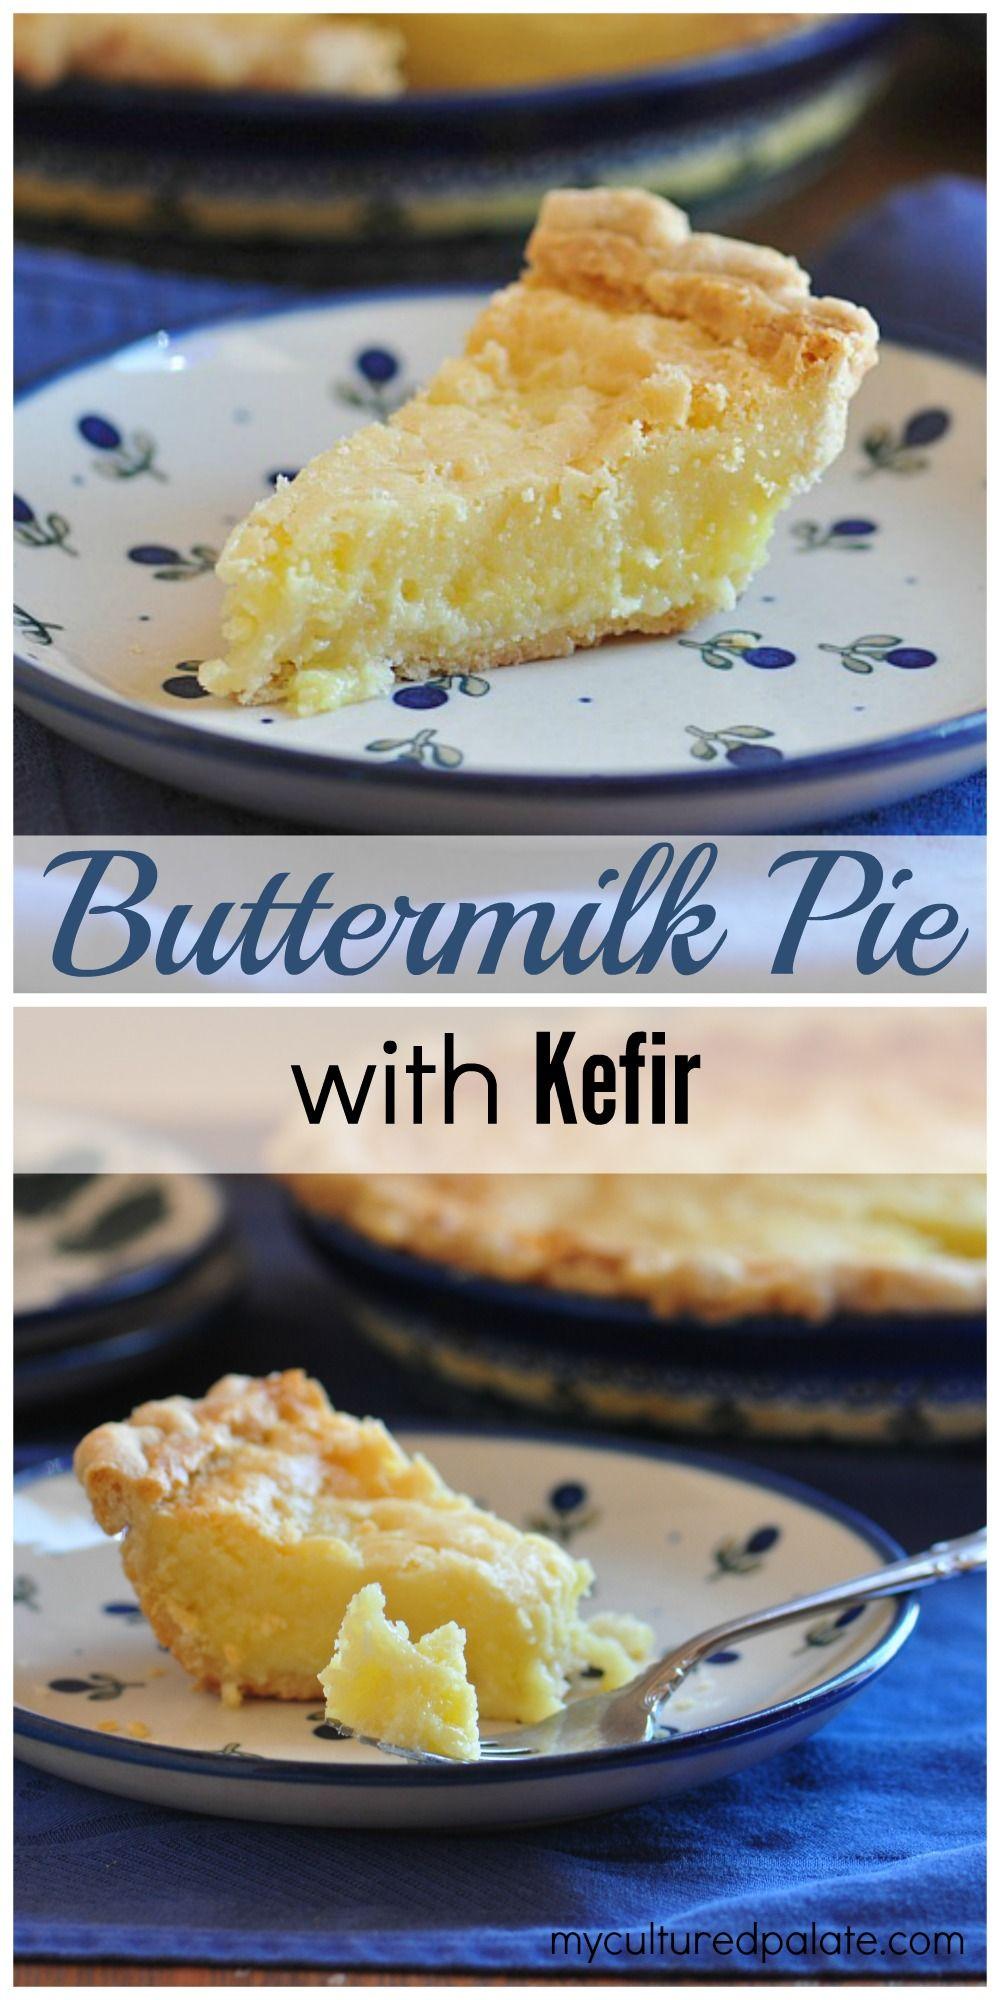 Buttermilk Pie Buttermilk Pie Recipe Cultured Palate Recipe Kefir Recipes Buttermilk Pie Kefir Benefits